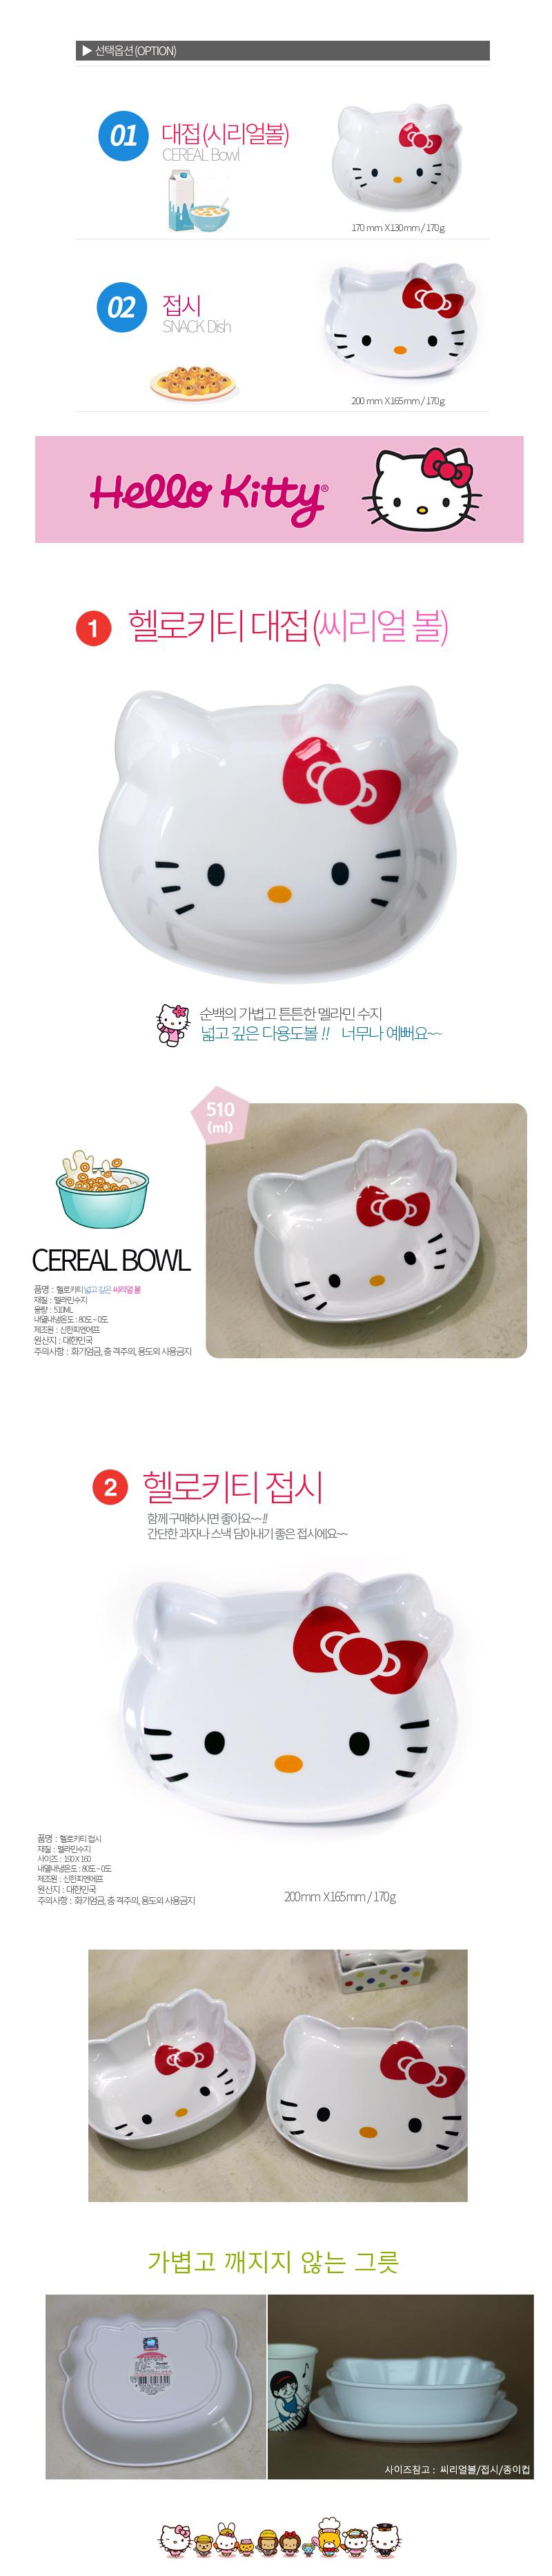 헬로키티 씨리얼볼(bowl)7,500원-디즈니홈웨어주방/푸드, 주방식기, 샐러드볼/다용도볼, 다용도볼바보사랑헬로키티 씨리얼볼(bowl)7,500원-디즈니홈웨어주방/푸드, 주방식기, 샐러드볼/다용도볼, 다용도볼바보사랑